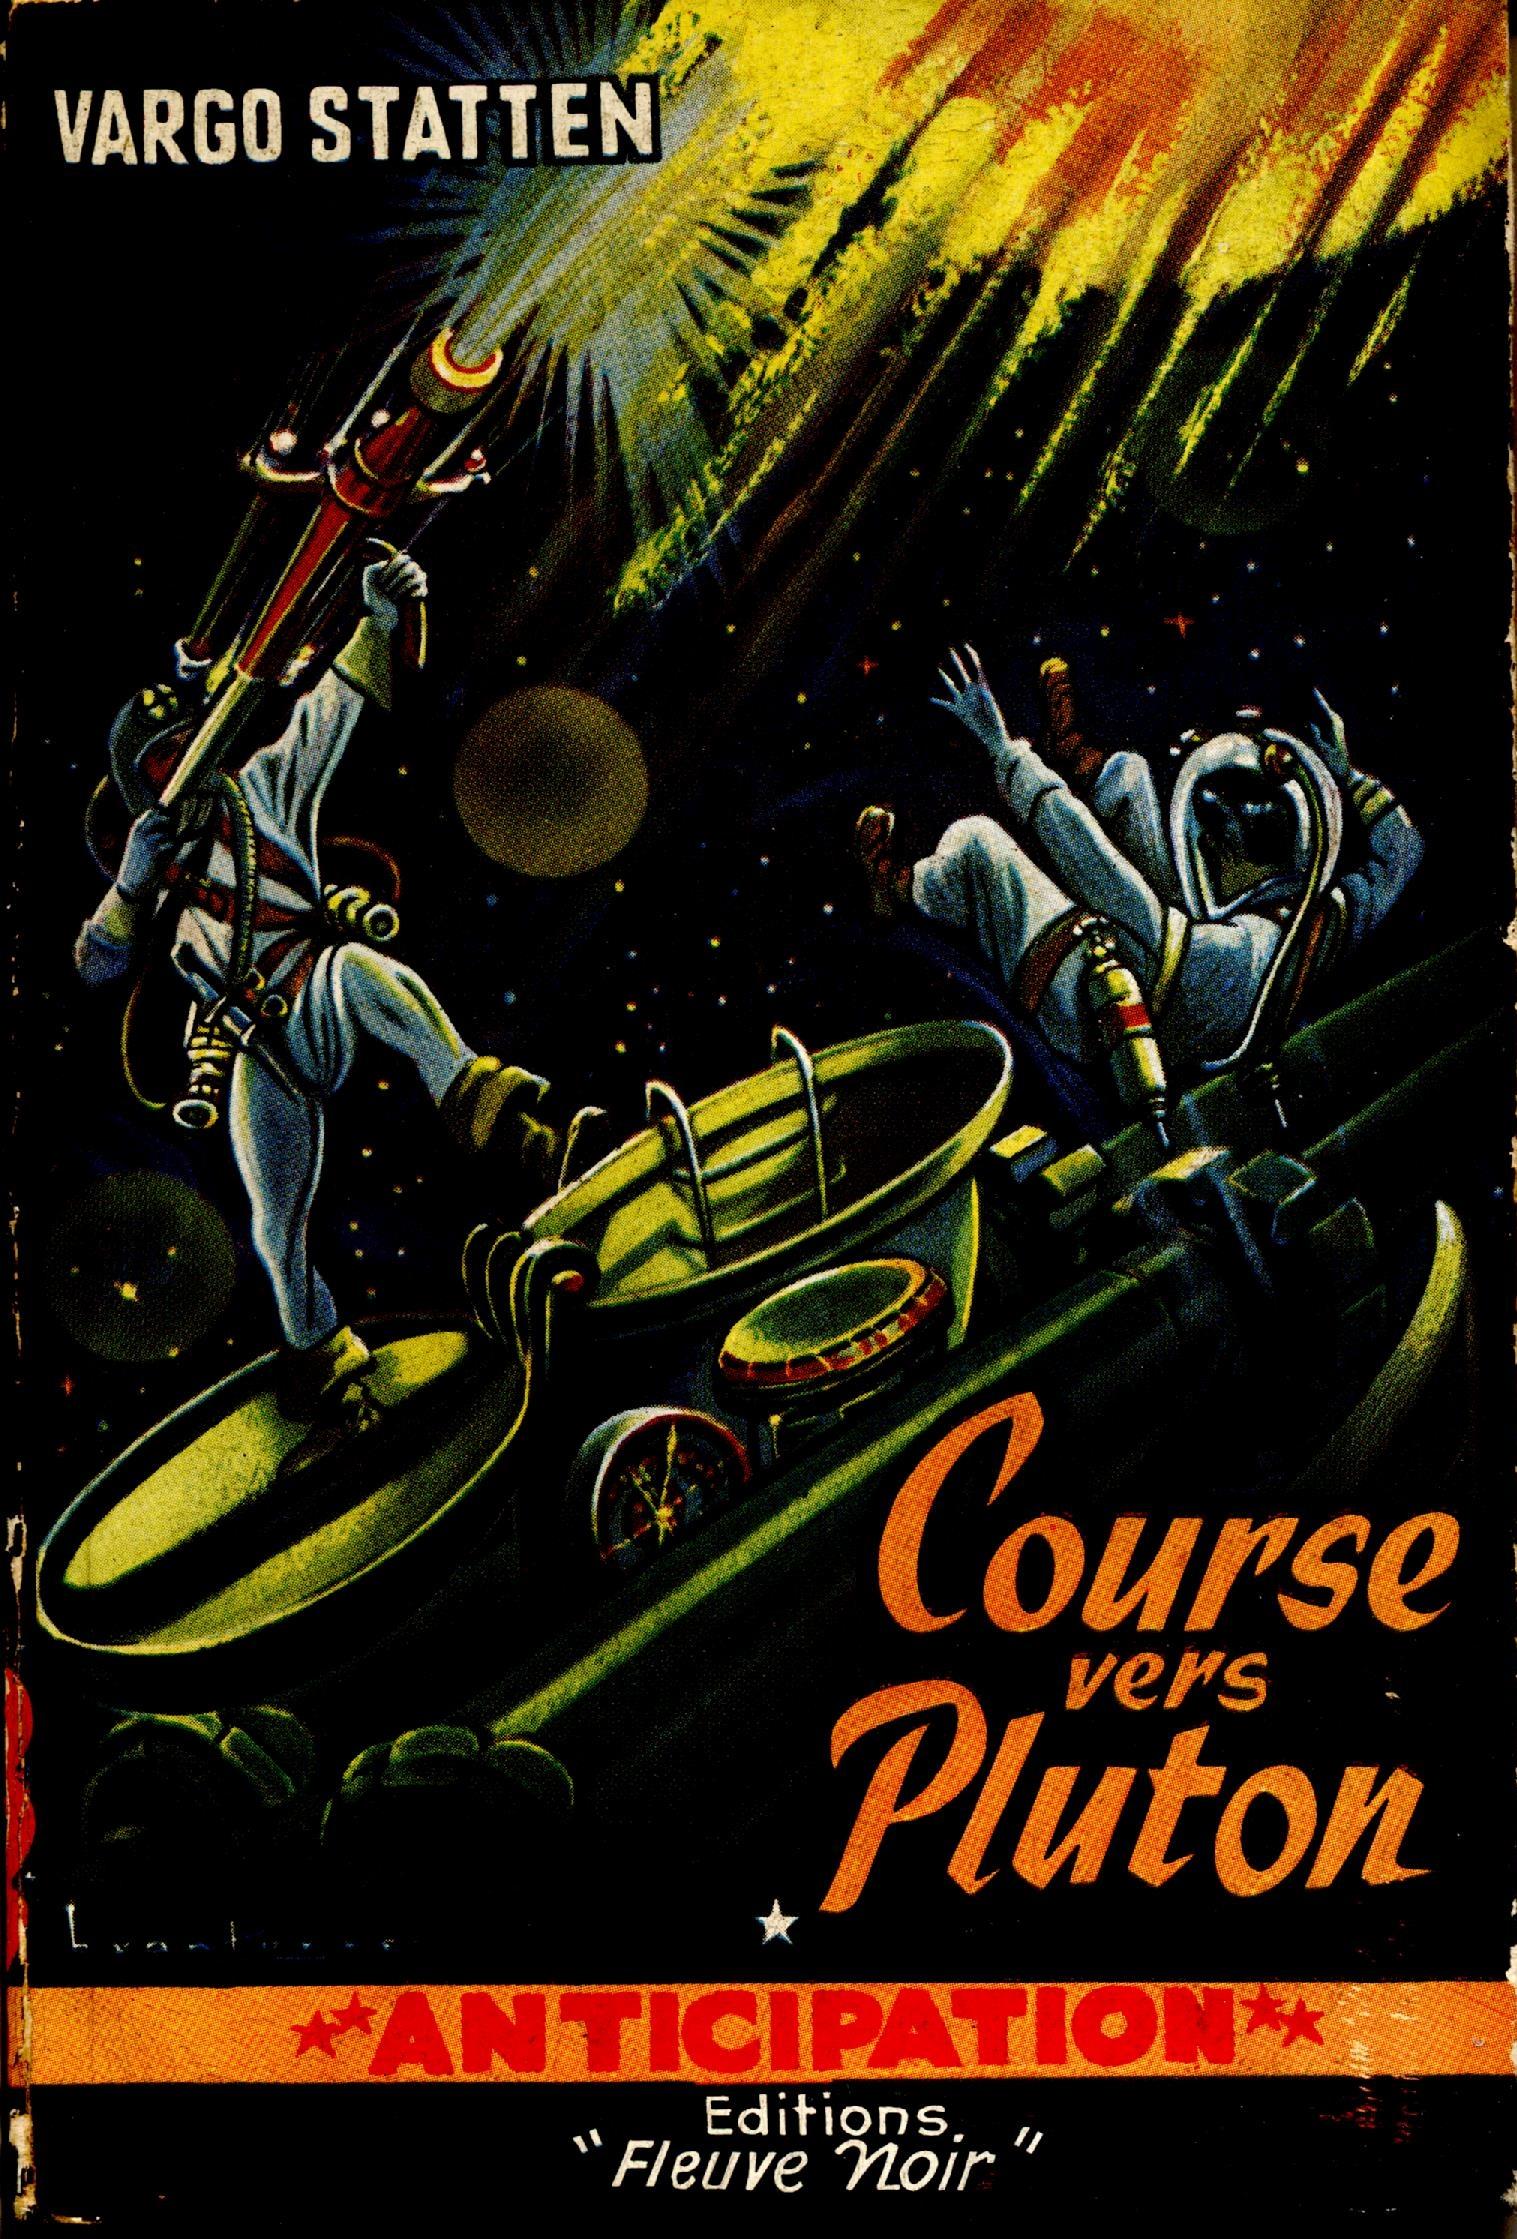 course pluton vargo statten